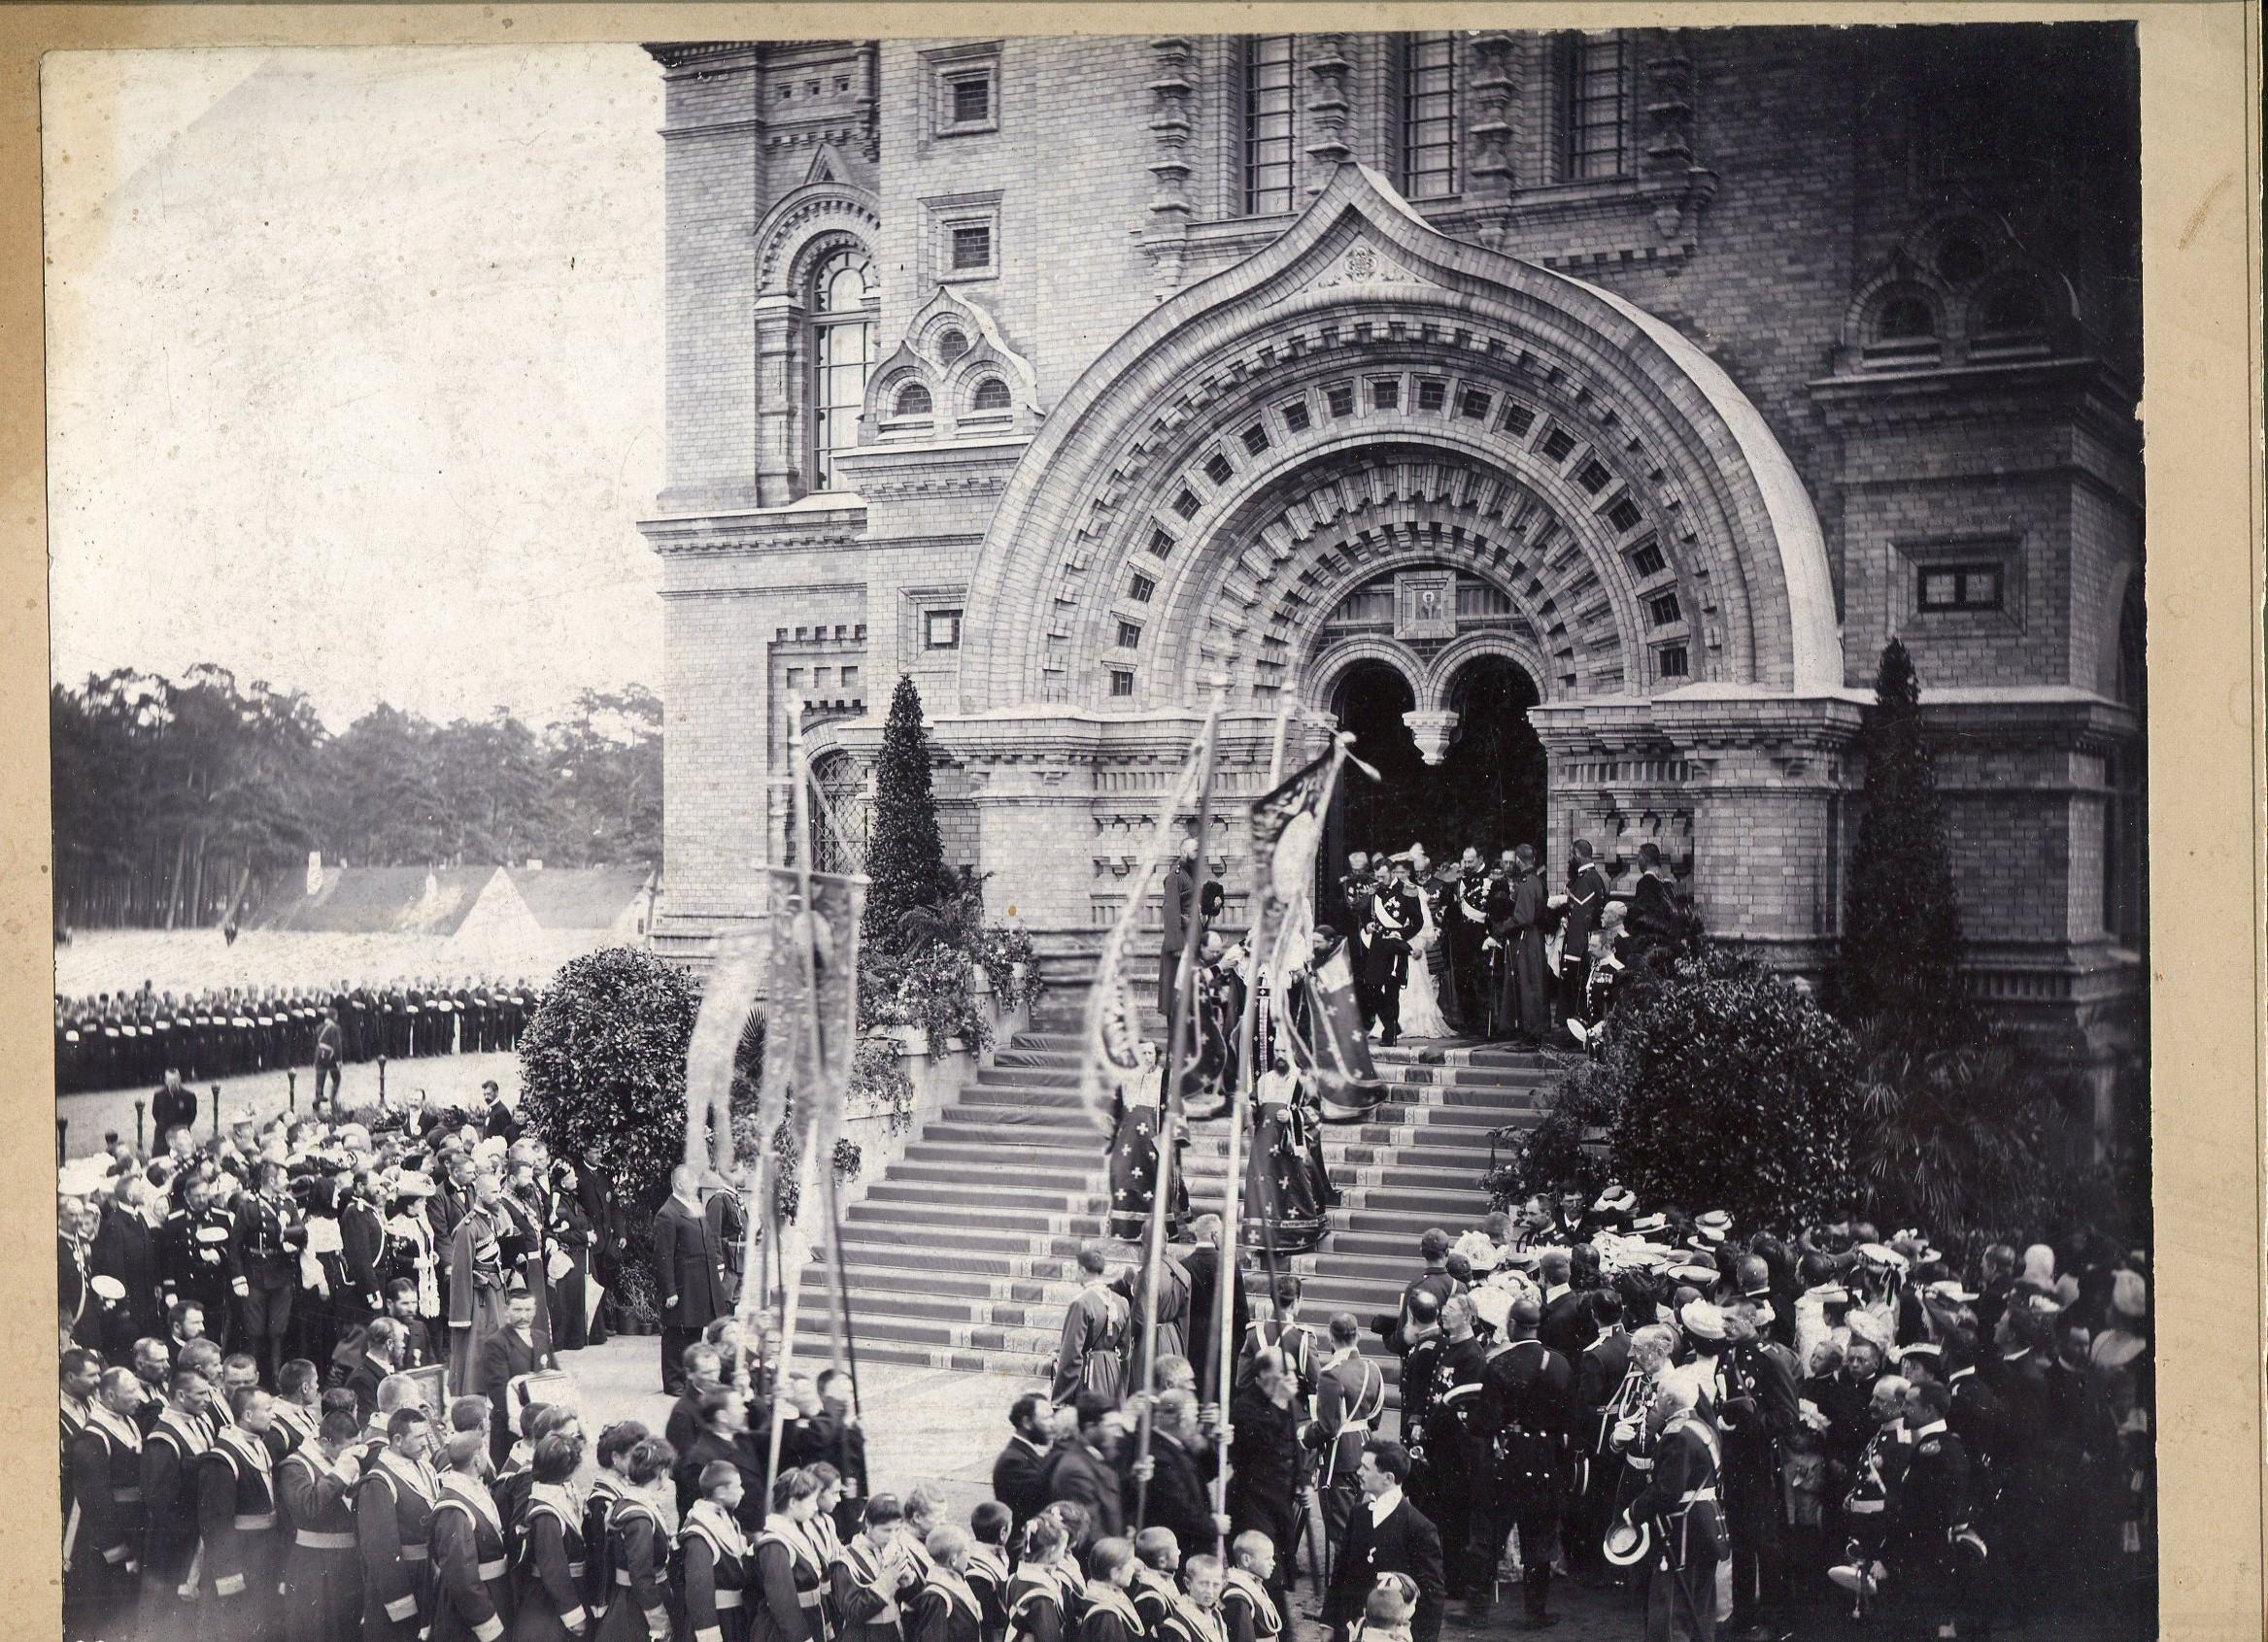 Фотография освящения Свято-Никольского морского собора в порту Александра III (в Либаве) в присутствии Императора Николая II. 22.08.1903